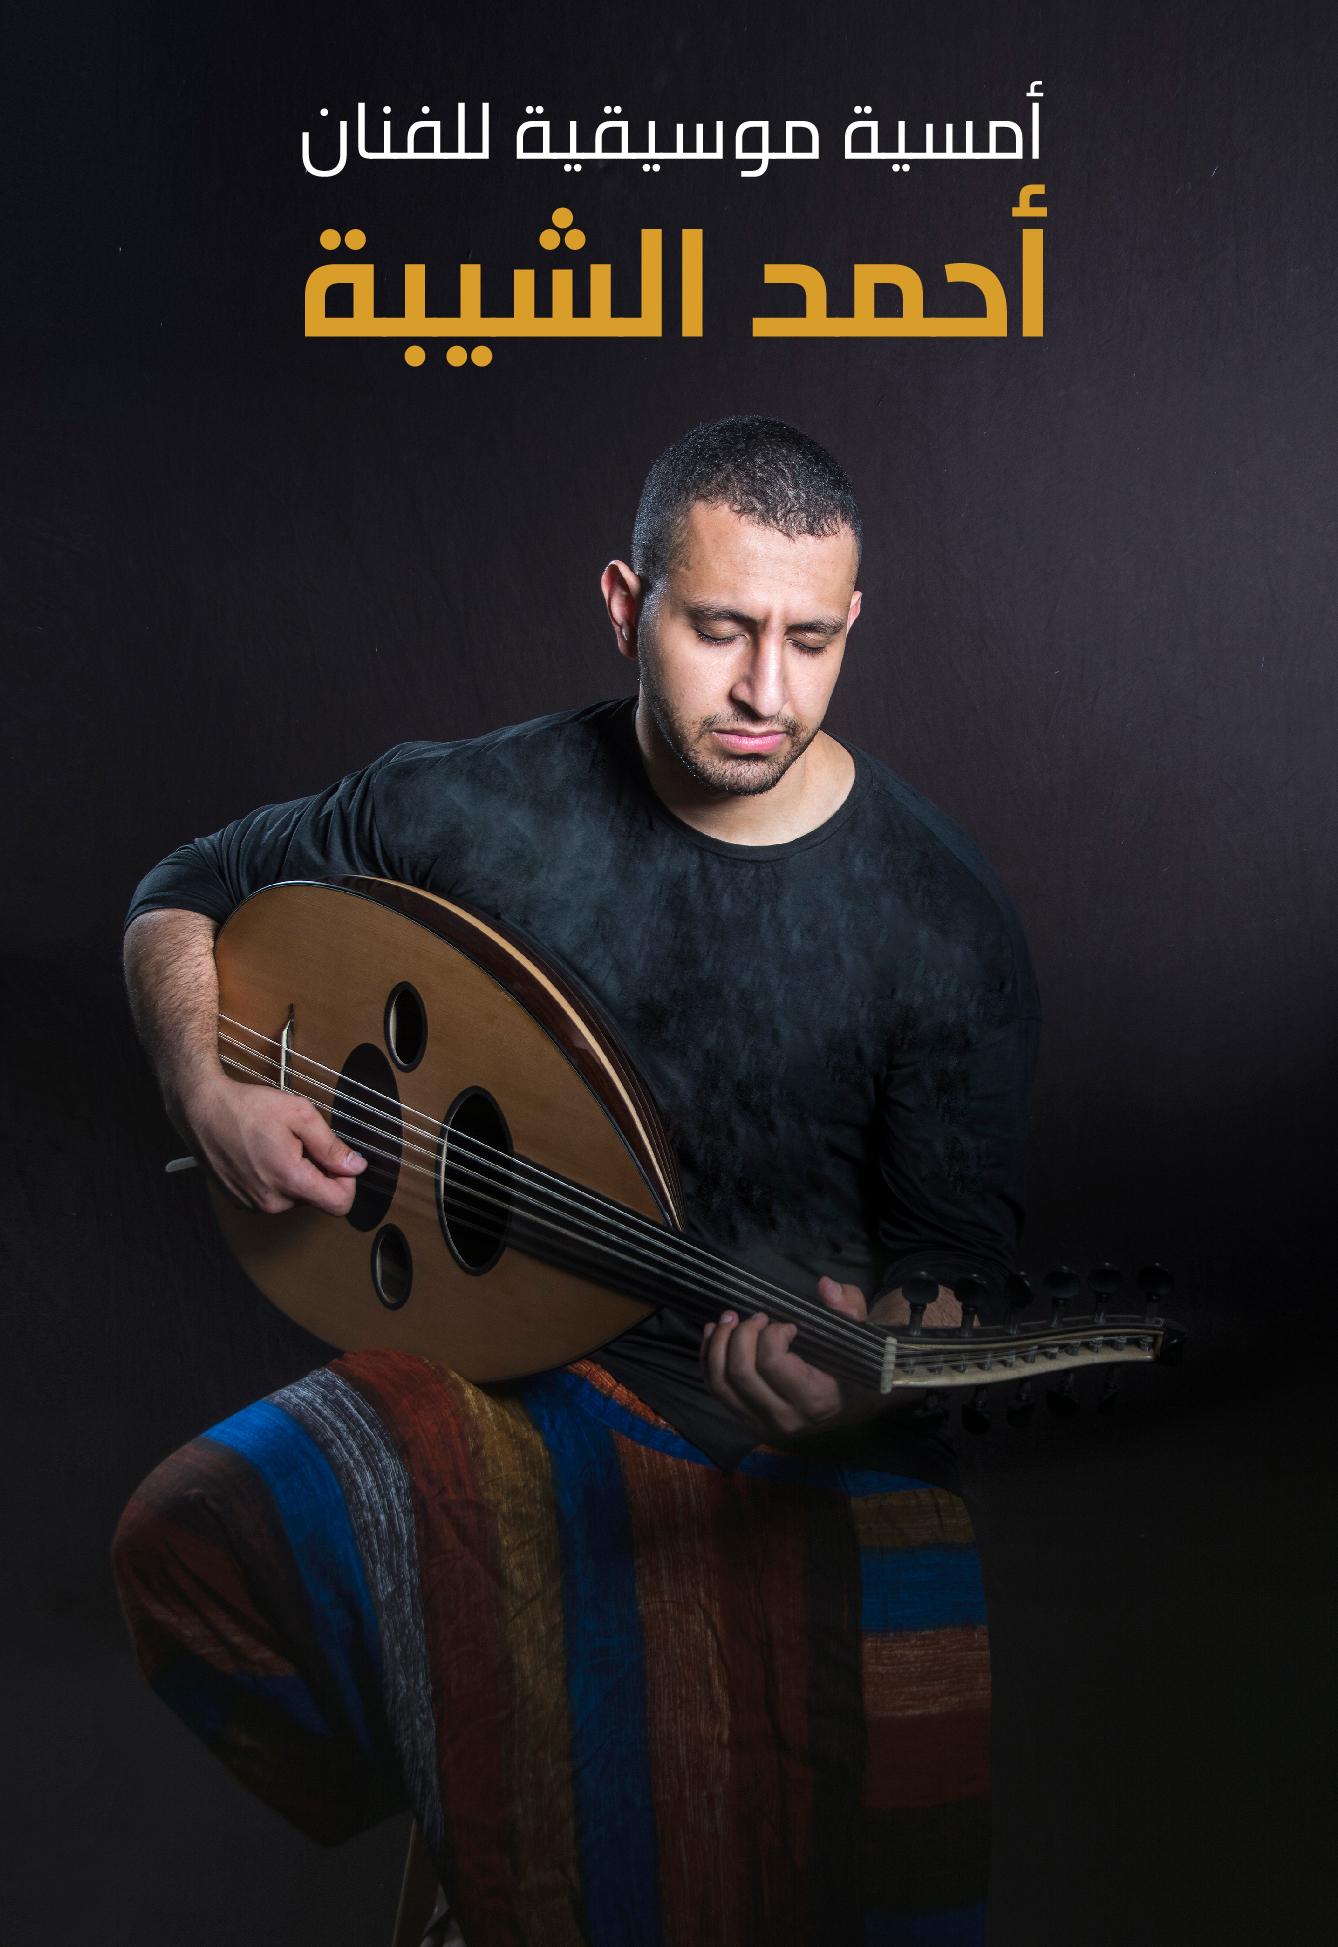 أمسية موسيقية للفنان أحمد الشيبة